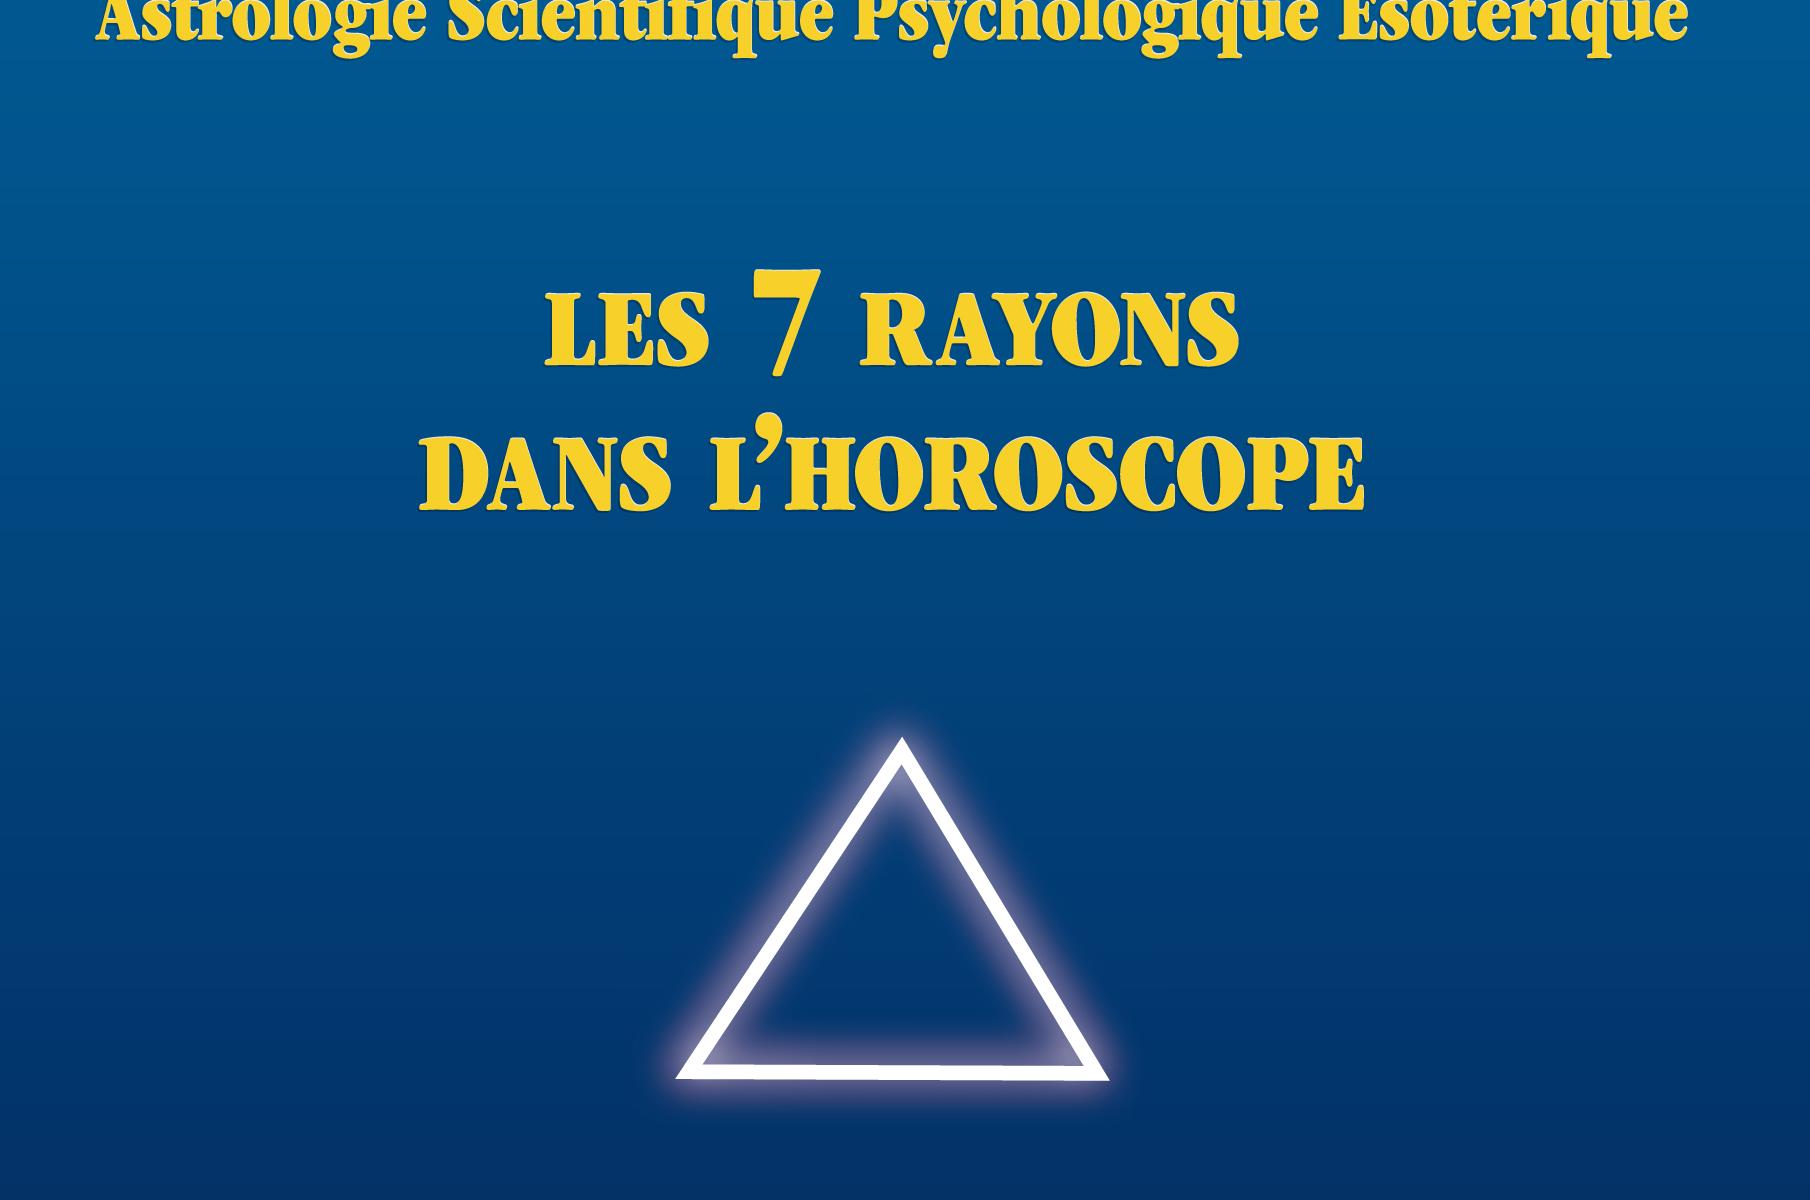 Les 7 rayons dans l'horoscope